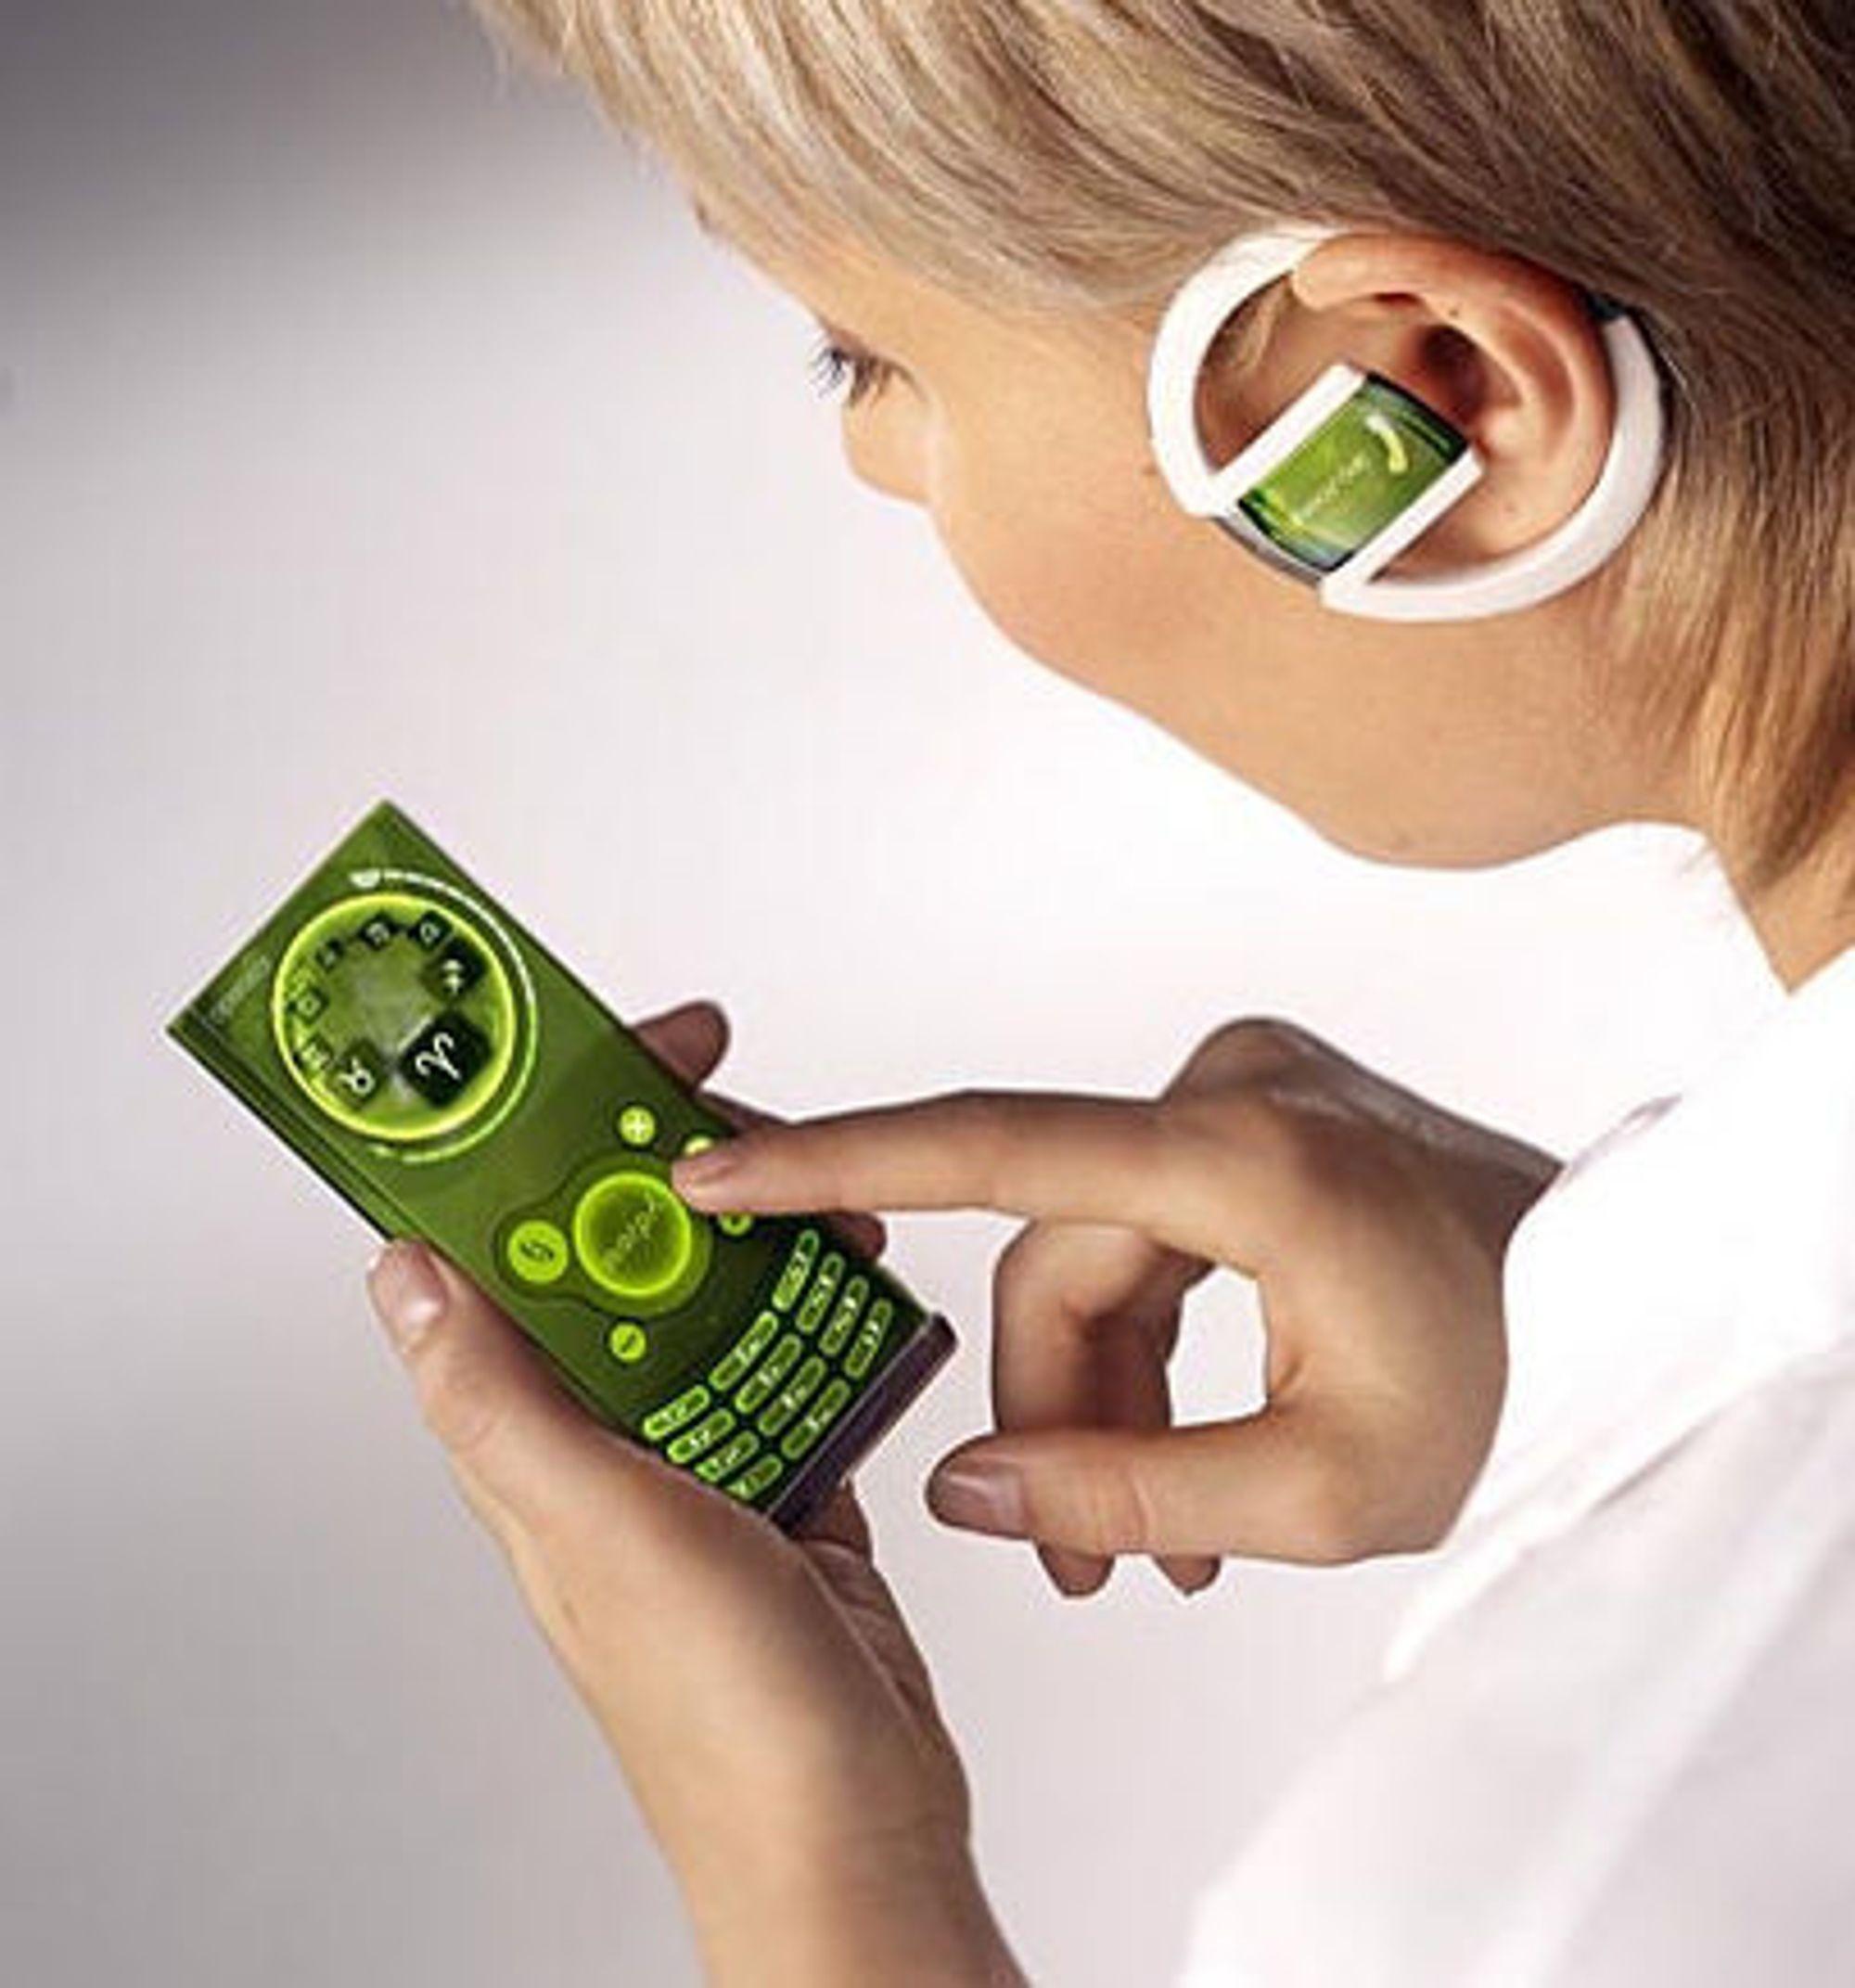 Nokia Morph med headset